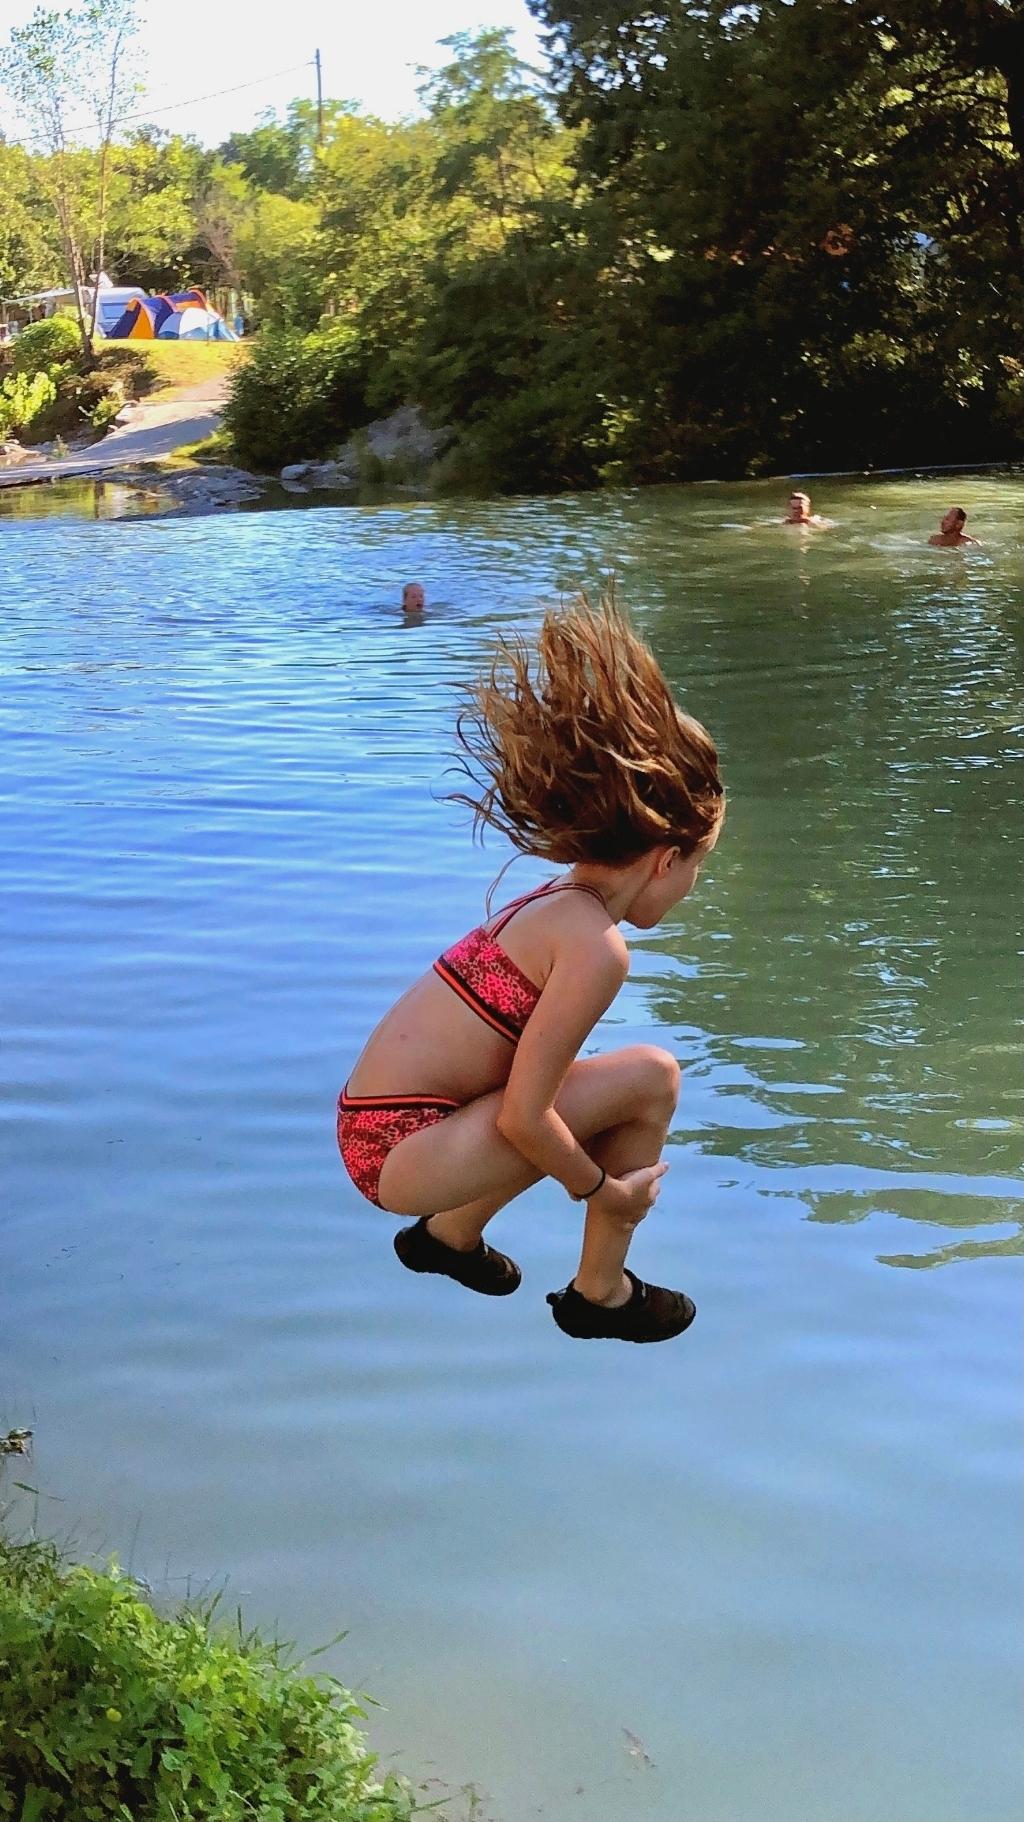 Kleindochter Nikki (9 jaar) waagt de sprong in het diepe. Tijdens de vacantie op de camping Les Arches in Frankrijk in de Ardèche. De rivier heet de La Claduegne en de foto is gemaakt op 6 augustus. Het was er wel erg warm, dus zo koel je wel lekker af. Pieter Ruijterlinde © BDU Media